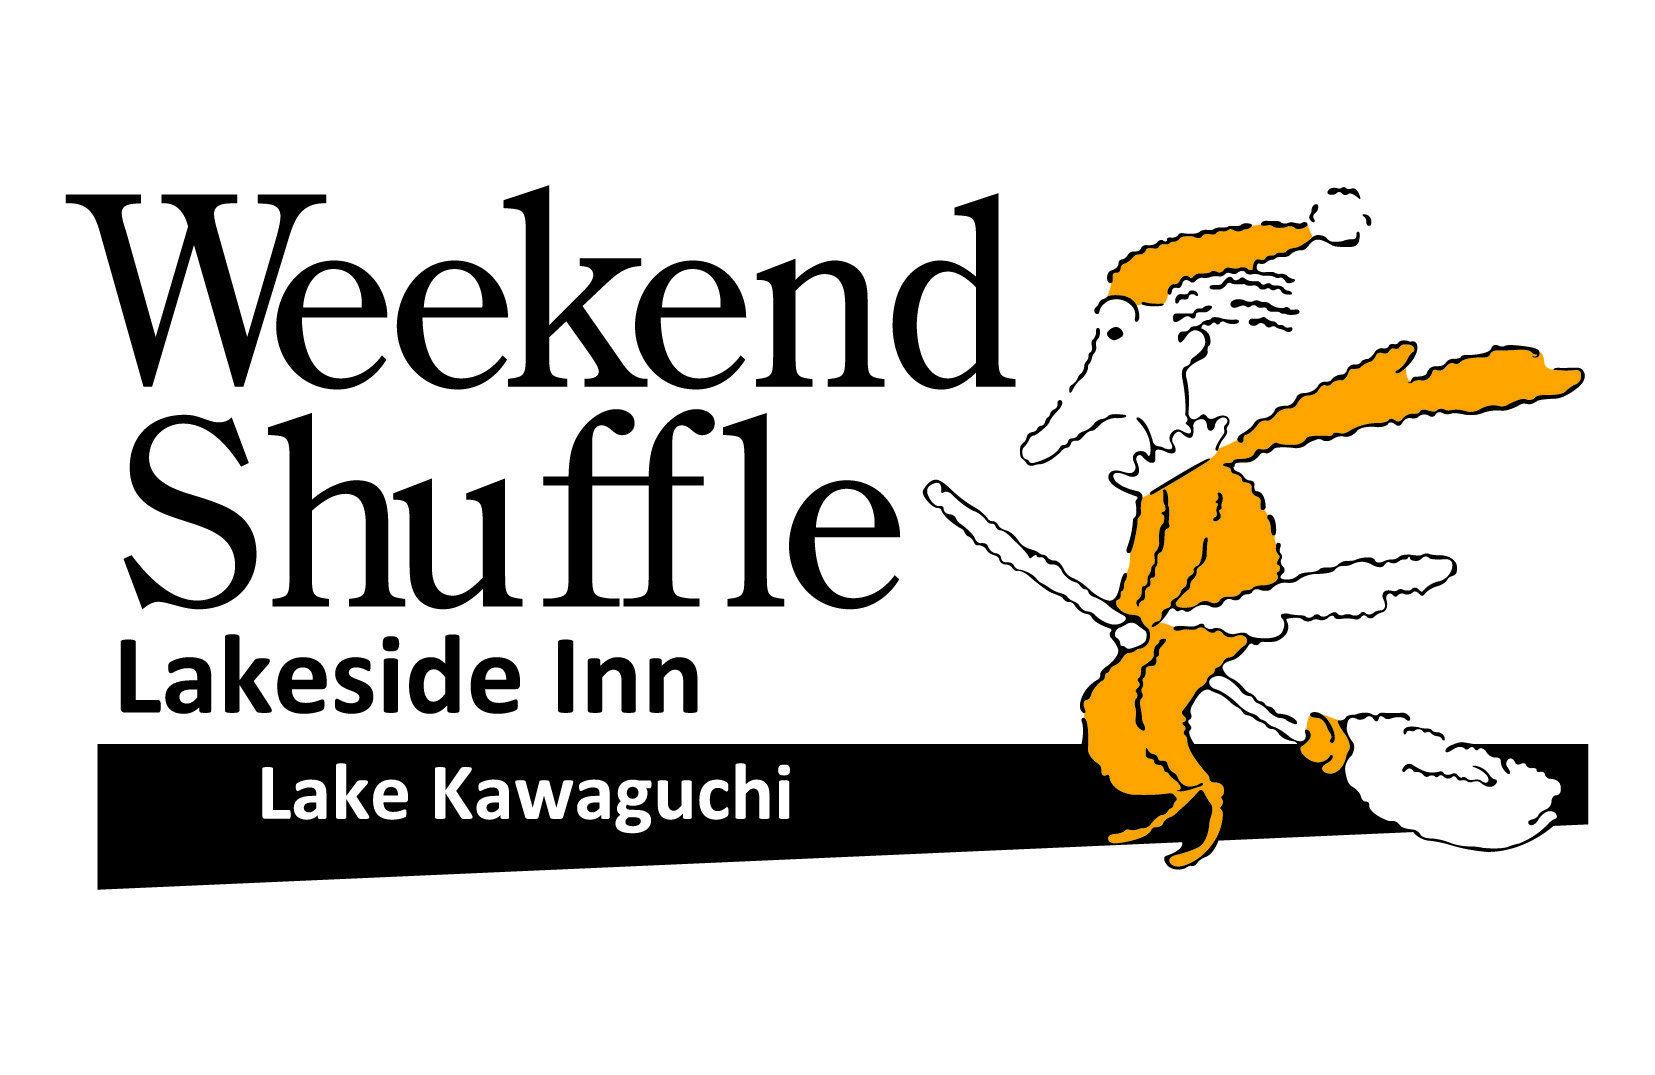 週末沙福爾旅館